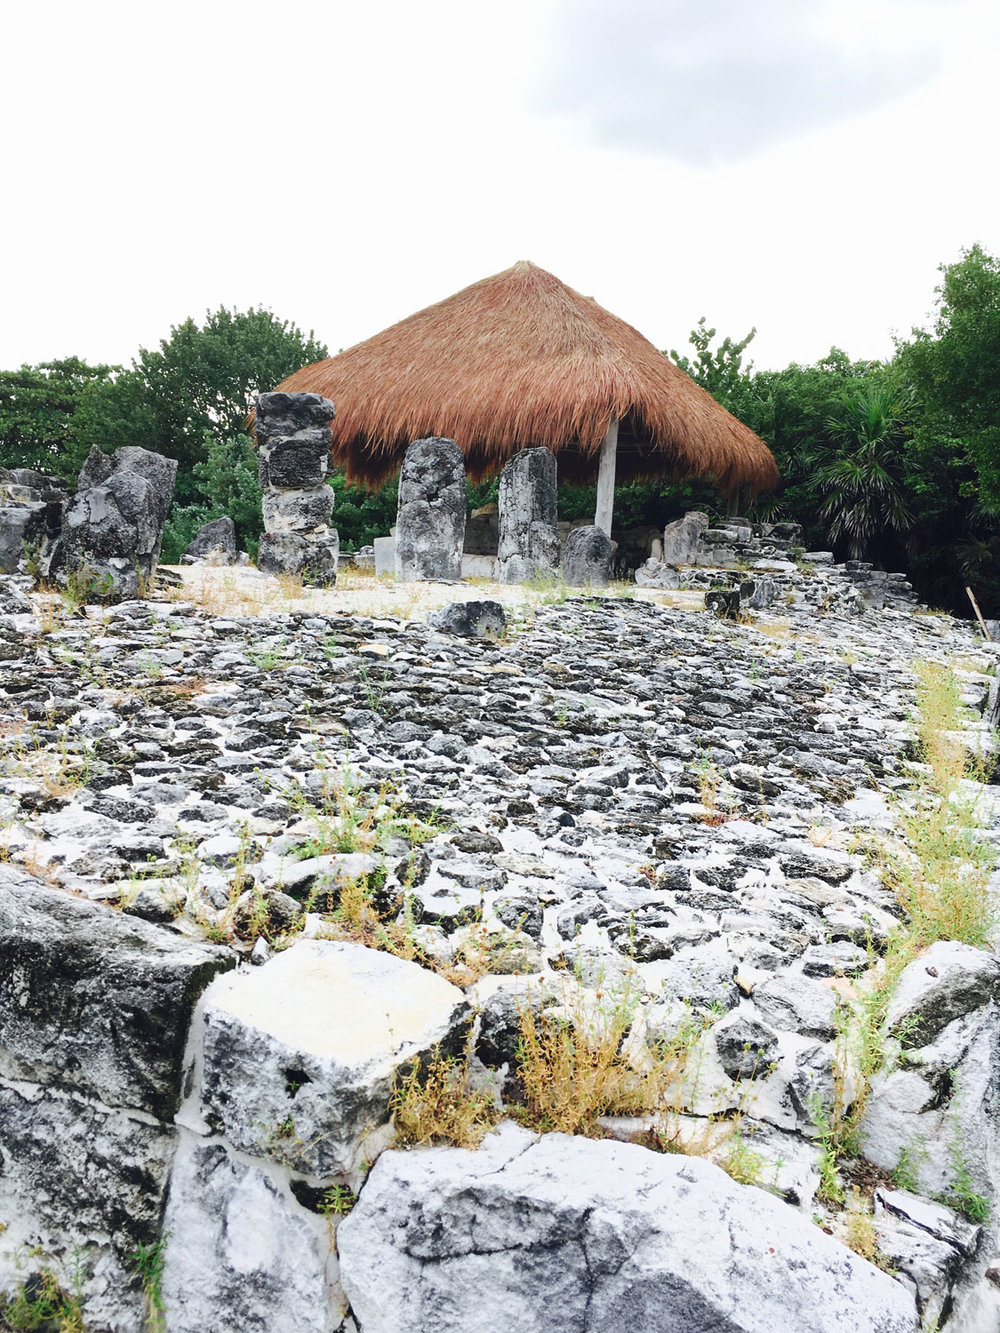 Hammocks_and_Ruins_Blog_Riviera_Maya_Mexico_Travel_Discover_Explore_Yucatan_Rio_Lagartos_Day_Trips_Coba_Ruins_El_Rey_13.jpg